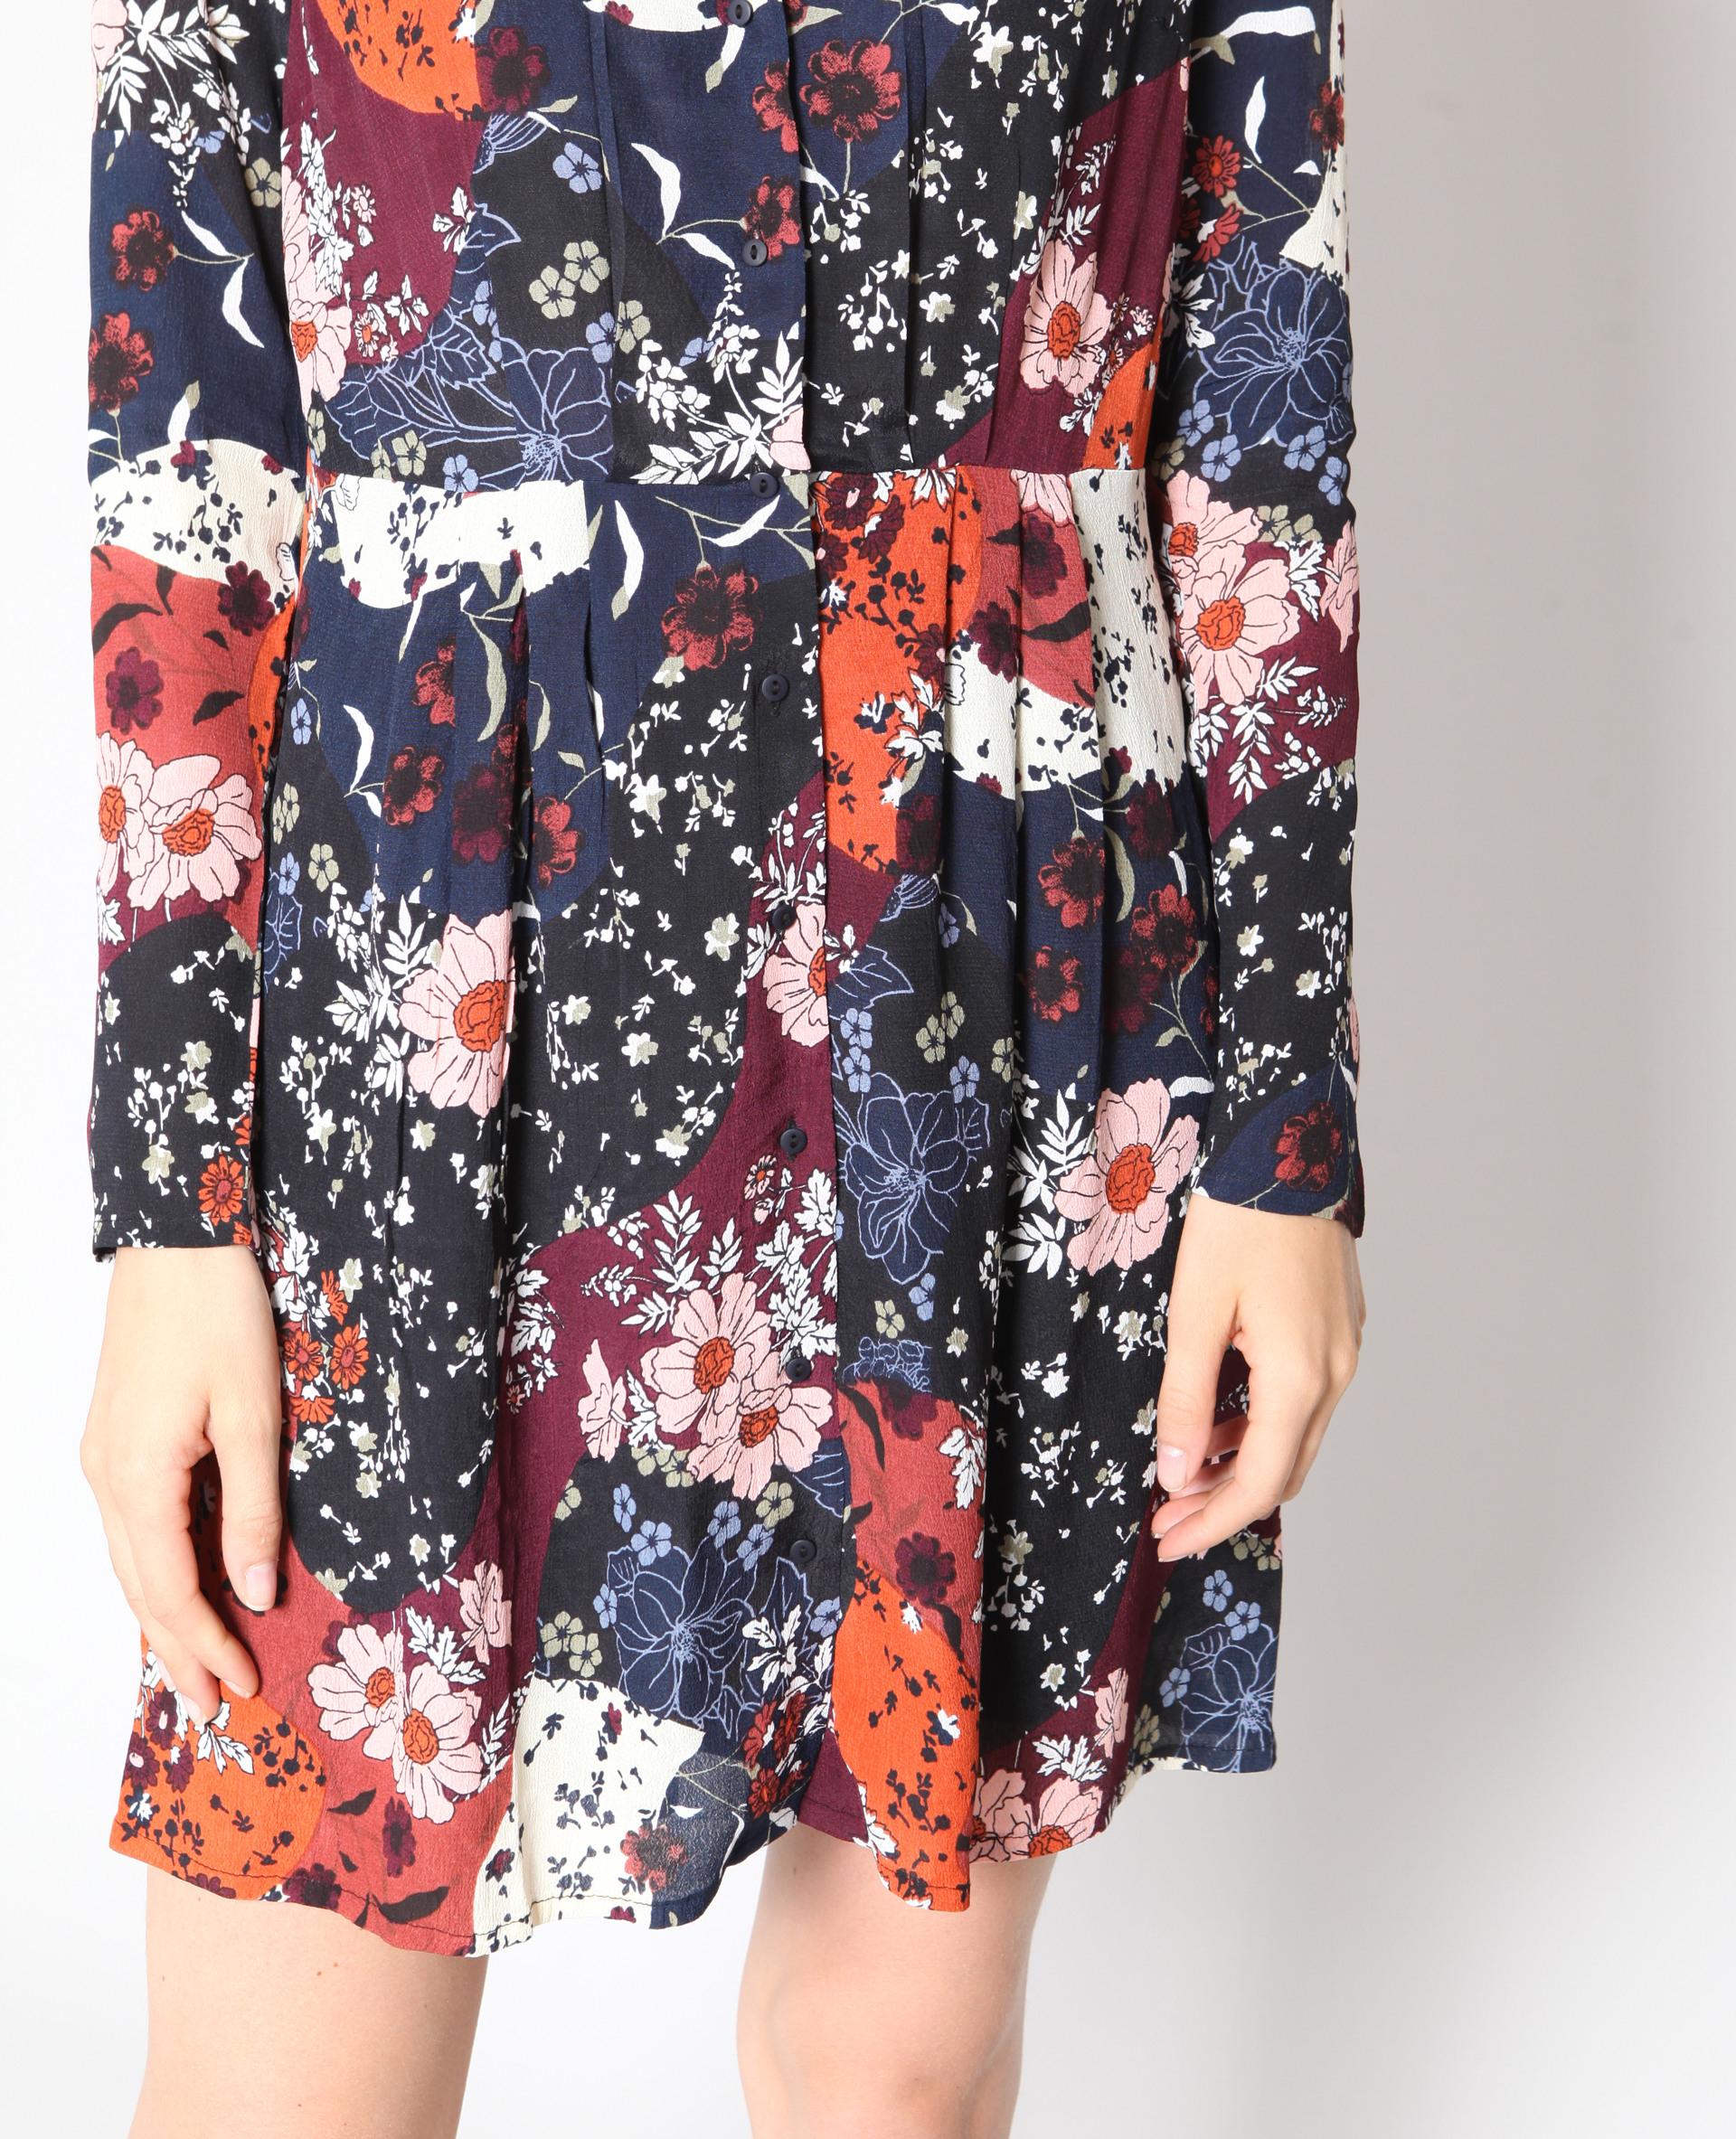 Kleid Mit Blumenmuster Rot  780930370E02  Pimkie